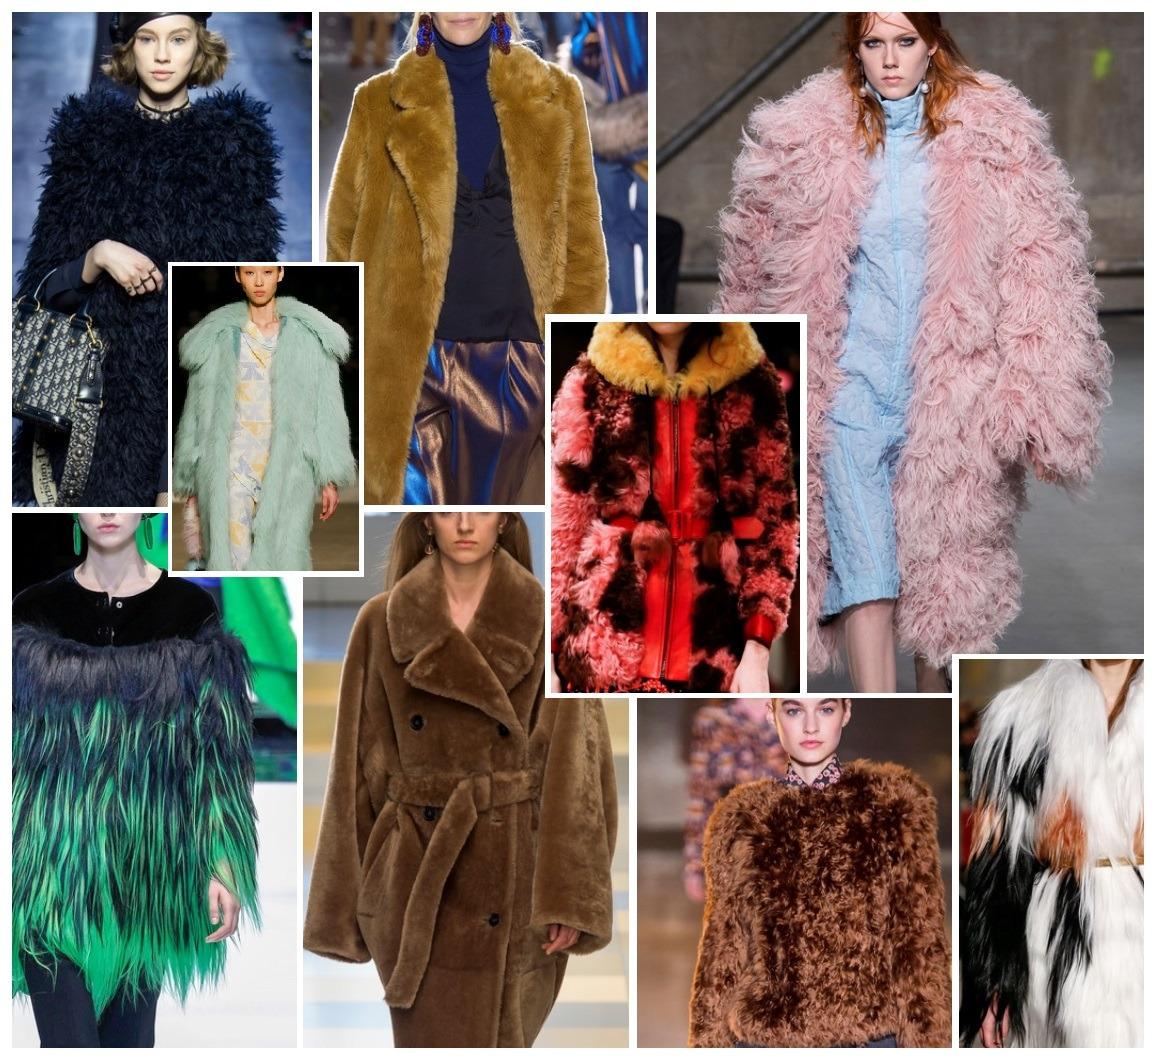 fake fur bad choice